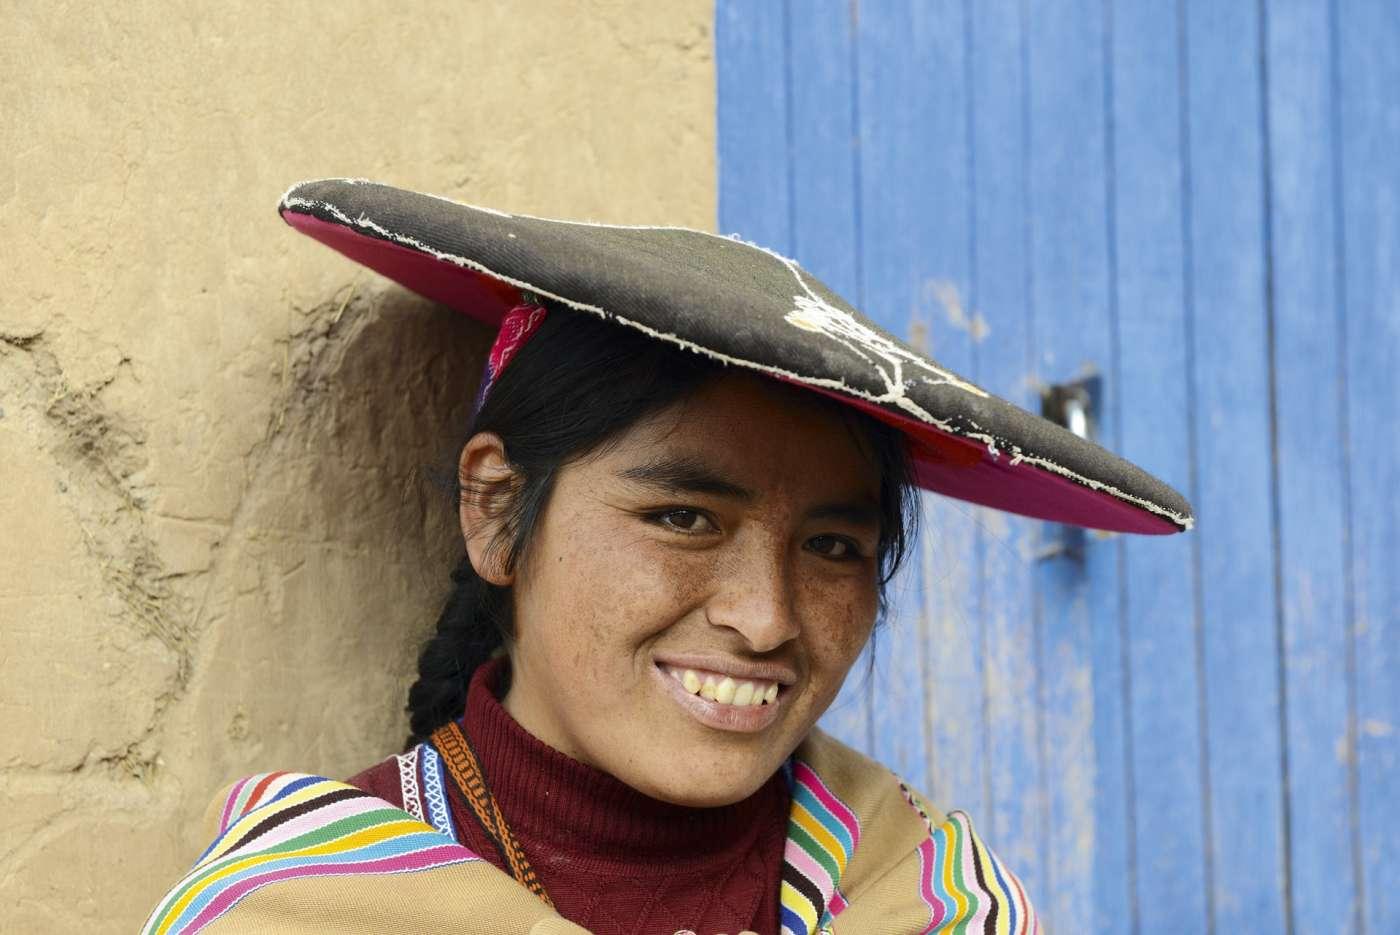 Pérou. Trésors péruviens : traditions et sites mythiques - 15j.